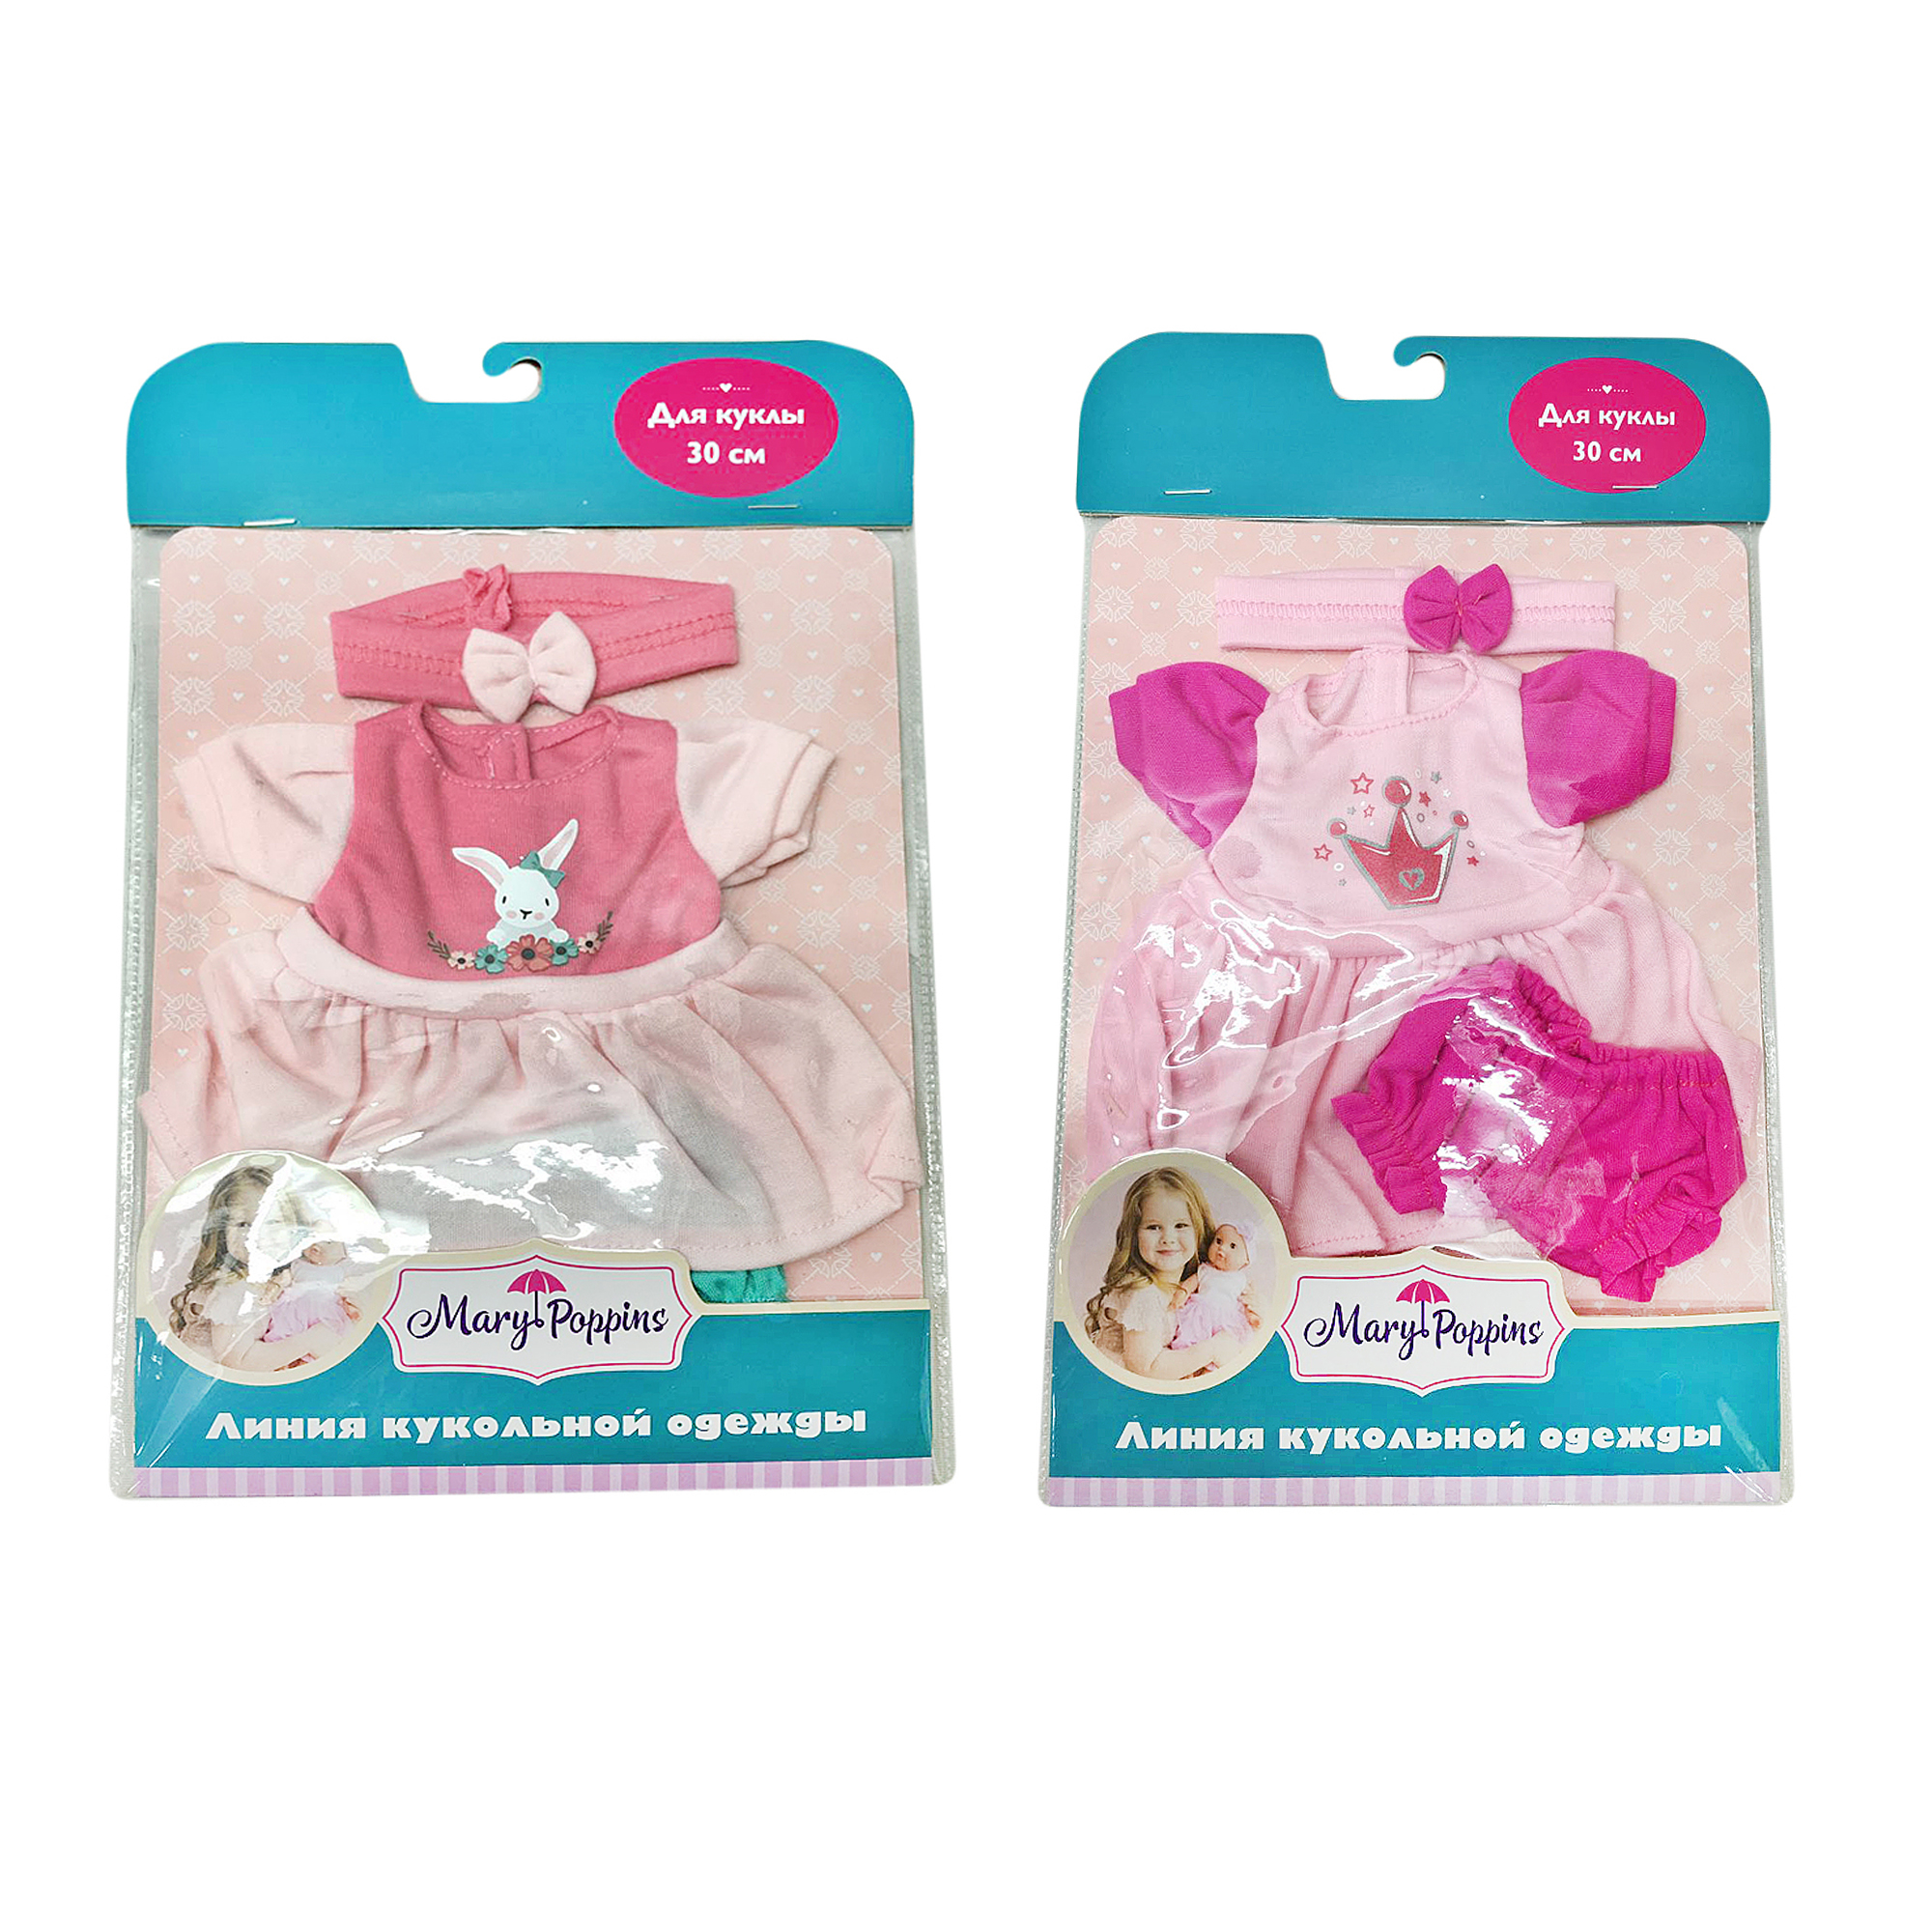 Одежда для кукол Mary Poppins Одежда для куклы Mary Poppins 30 см платье, штанишки и повязка в асс. брендовая одежда